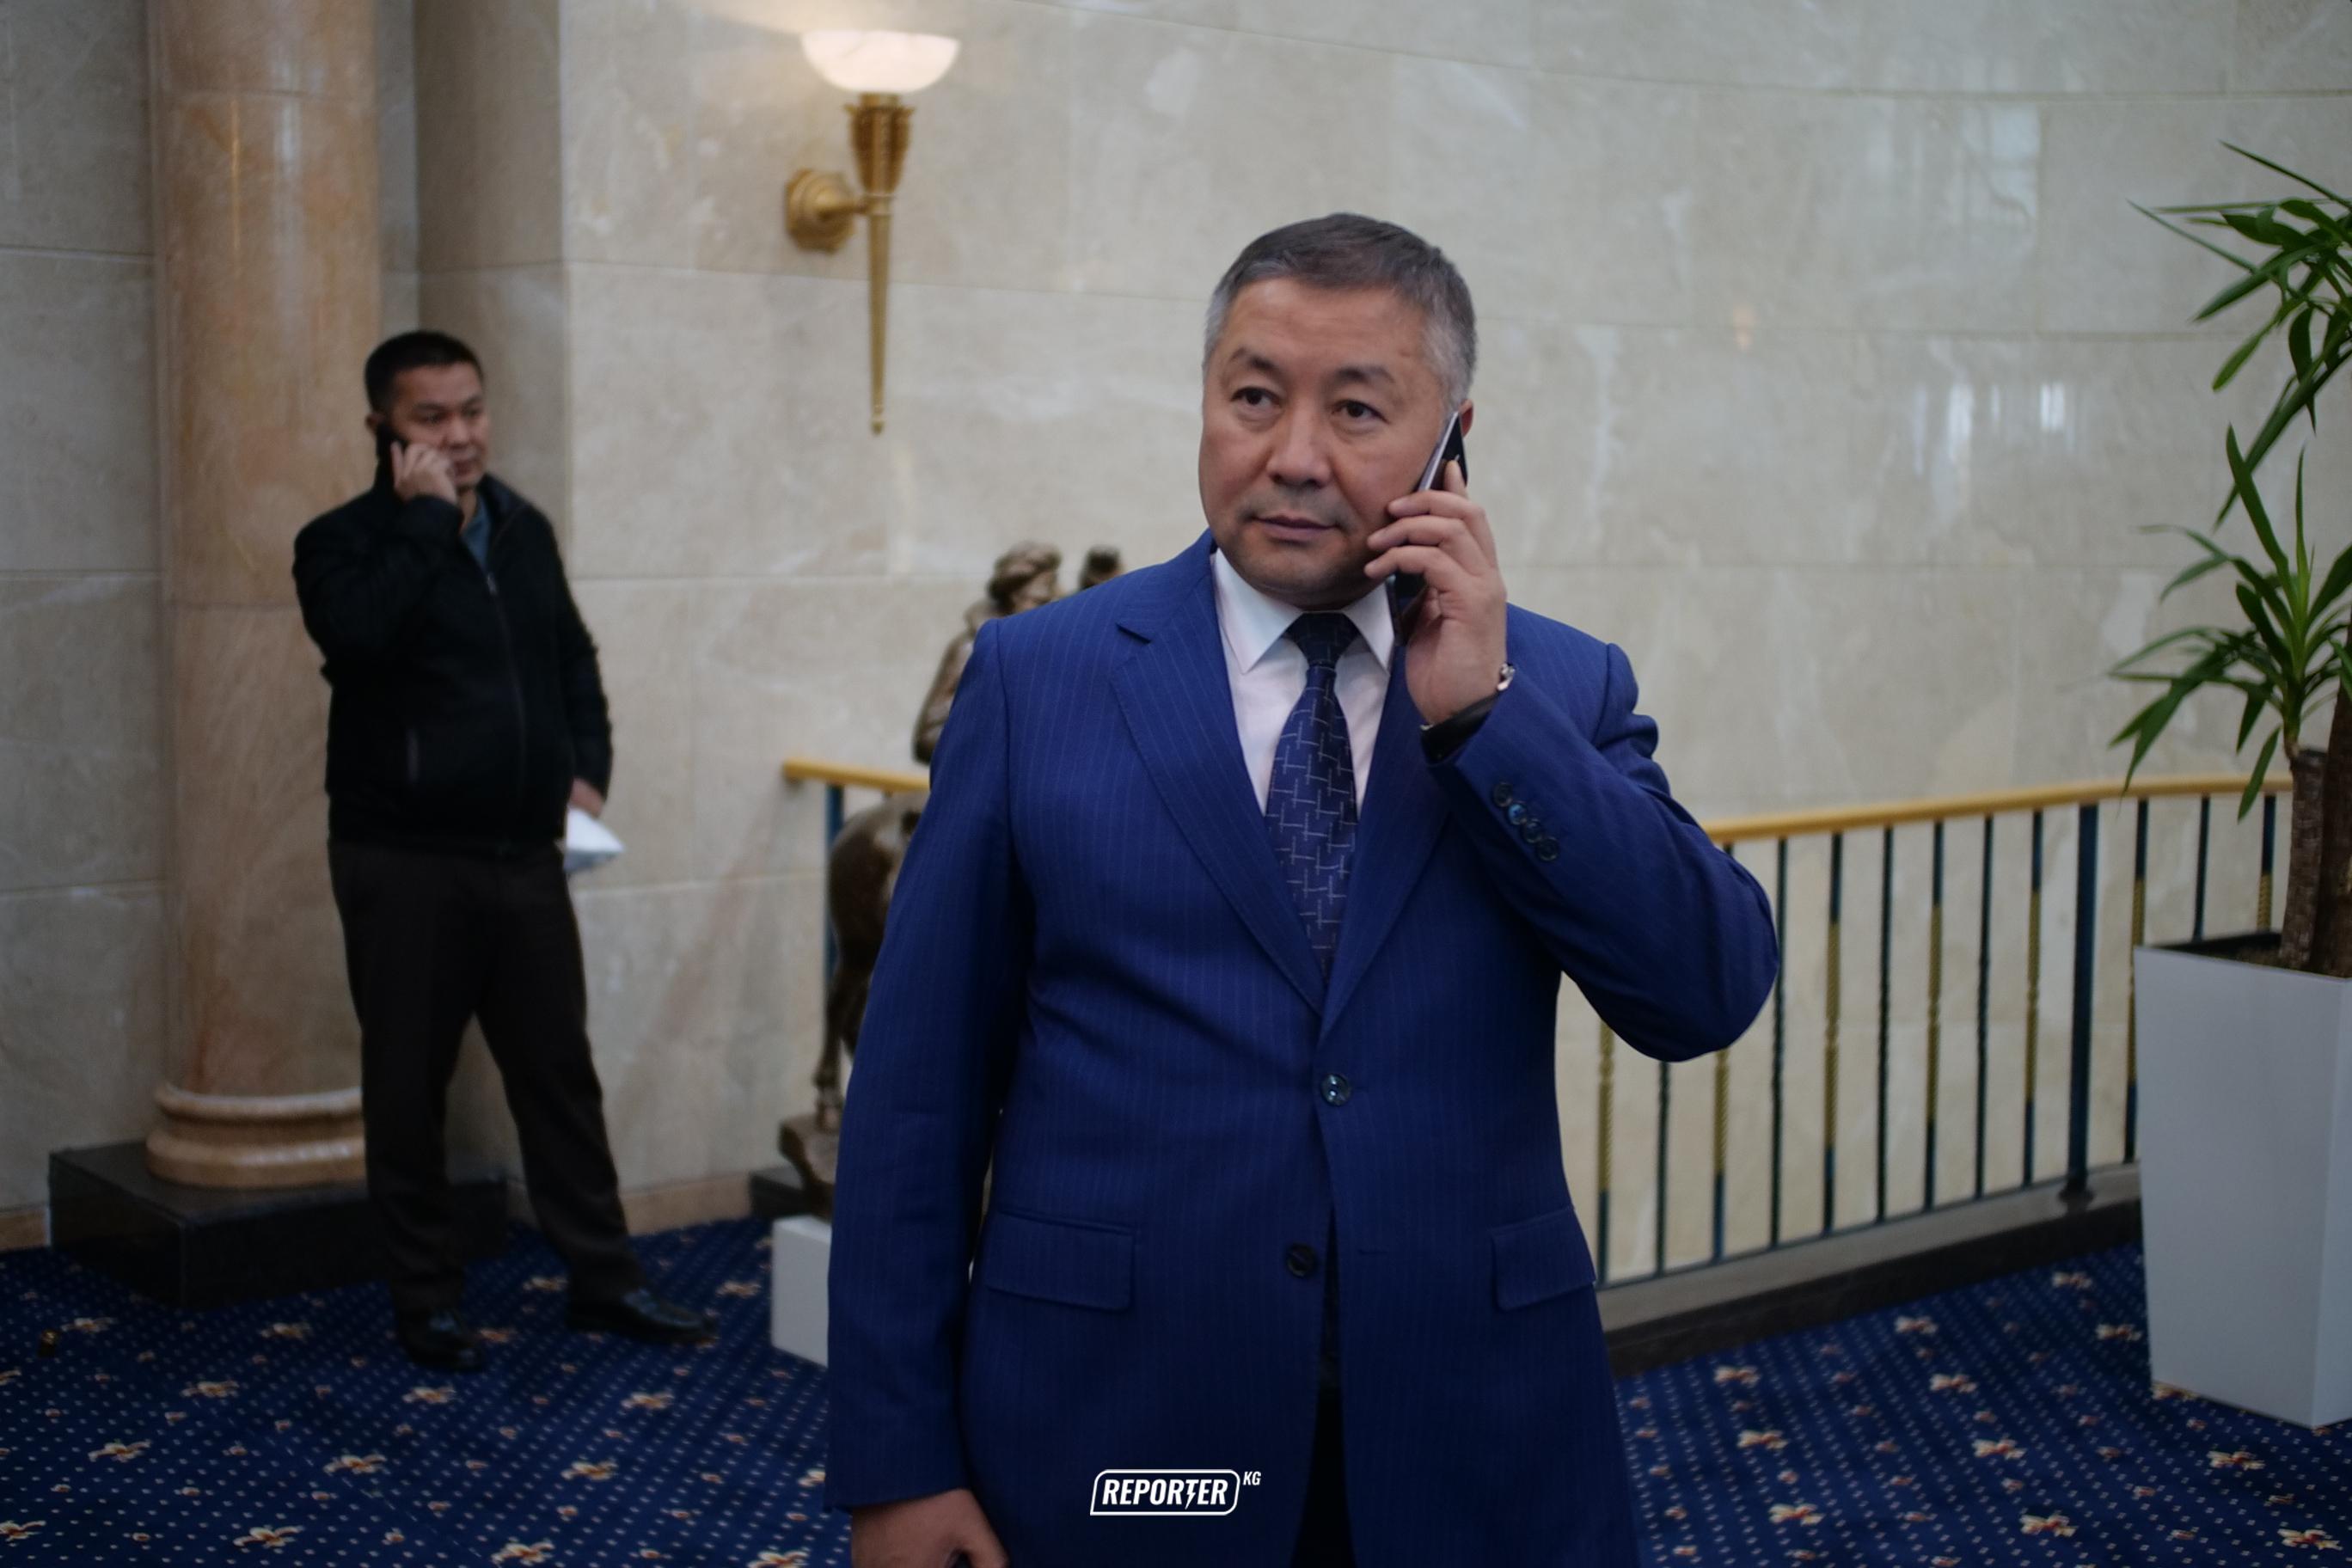 Канатбек Исаев Жогорку Кеңештин төрагасы болуп шайланды